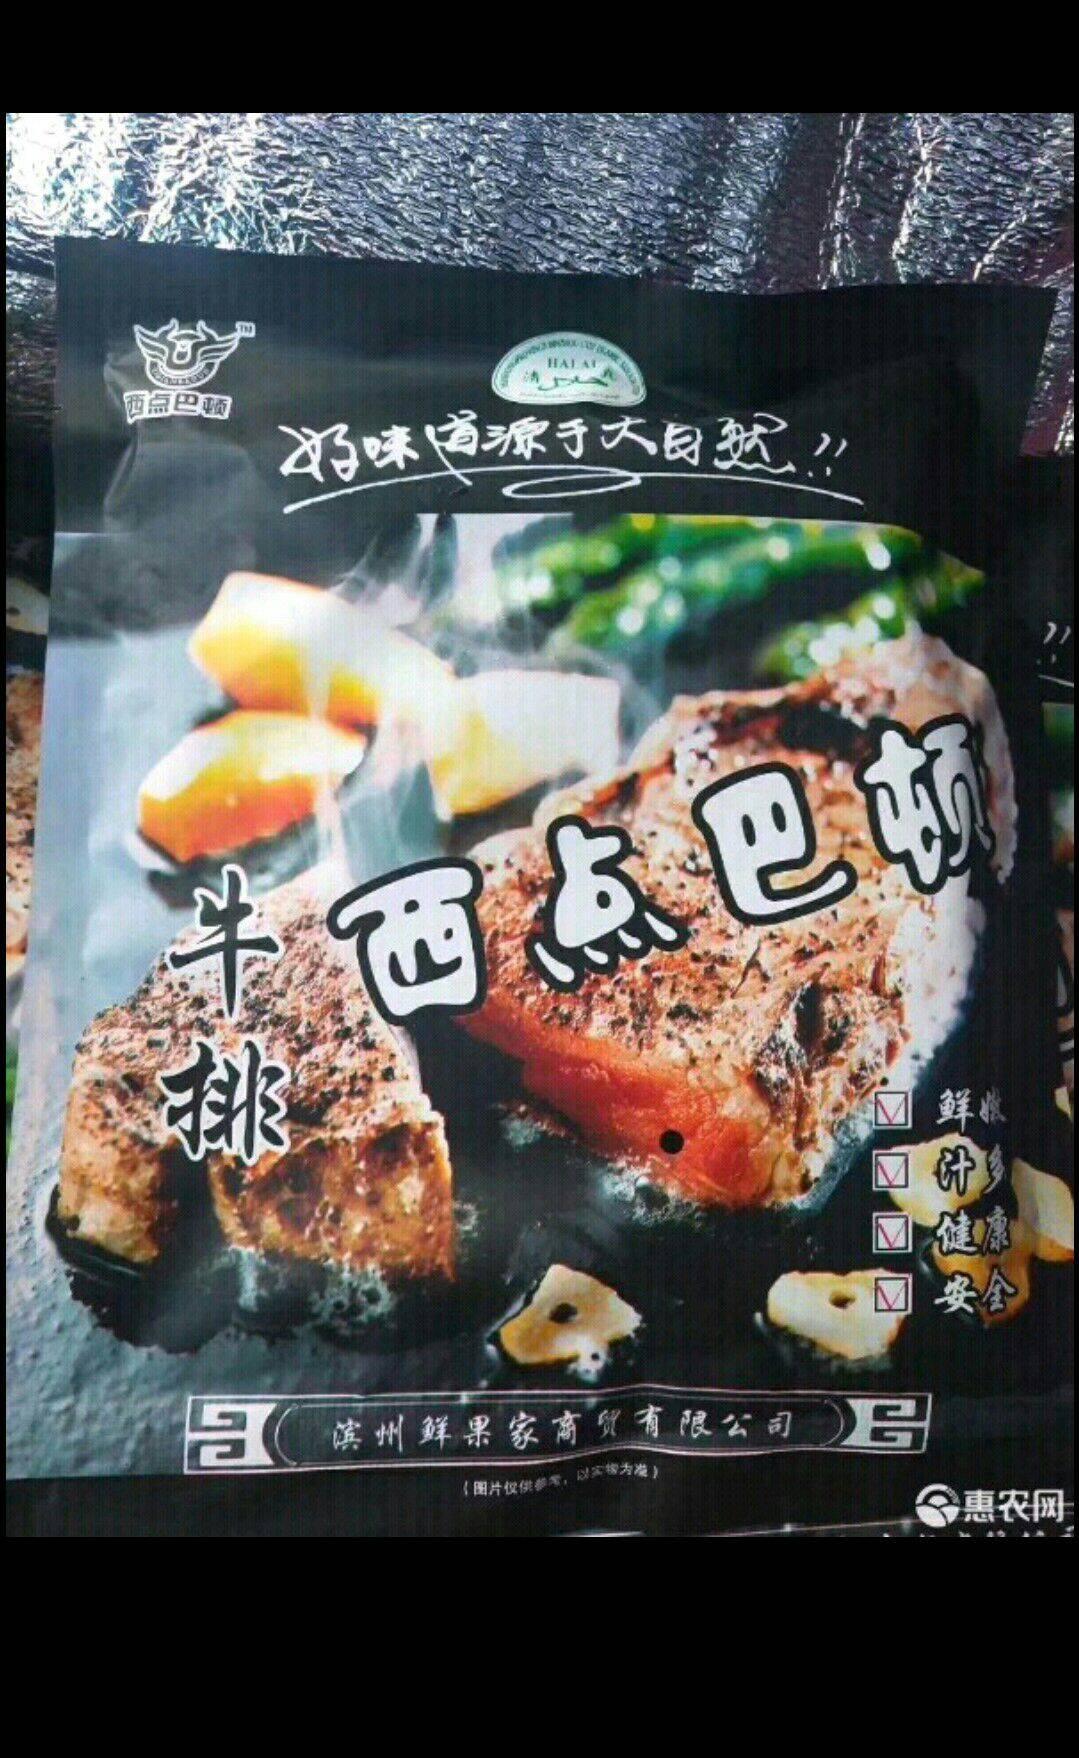 [牛排批发] 西餐黑椒牛排价格12元/个